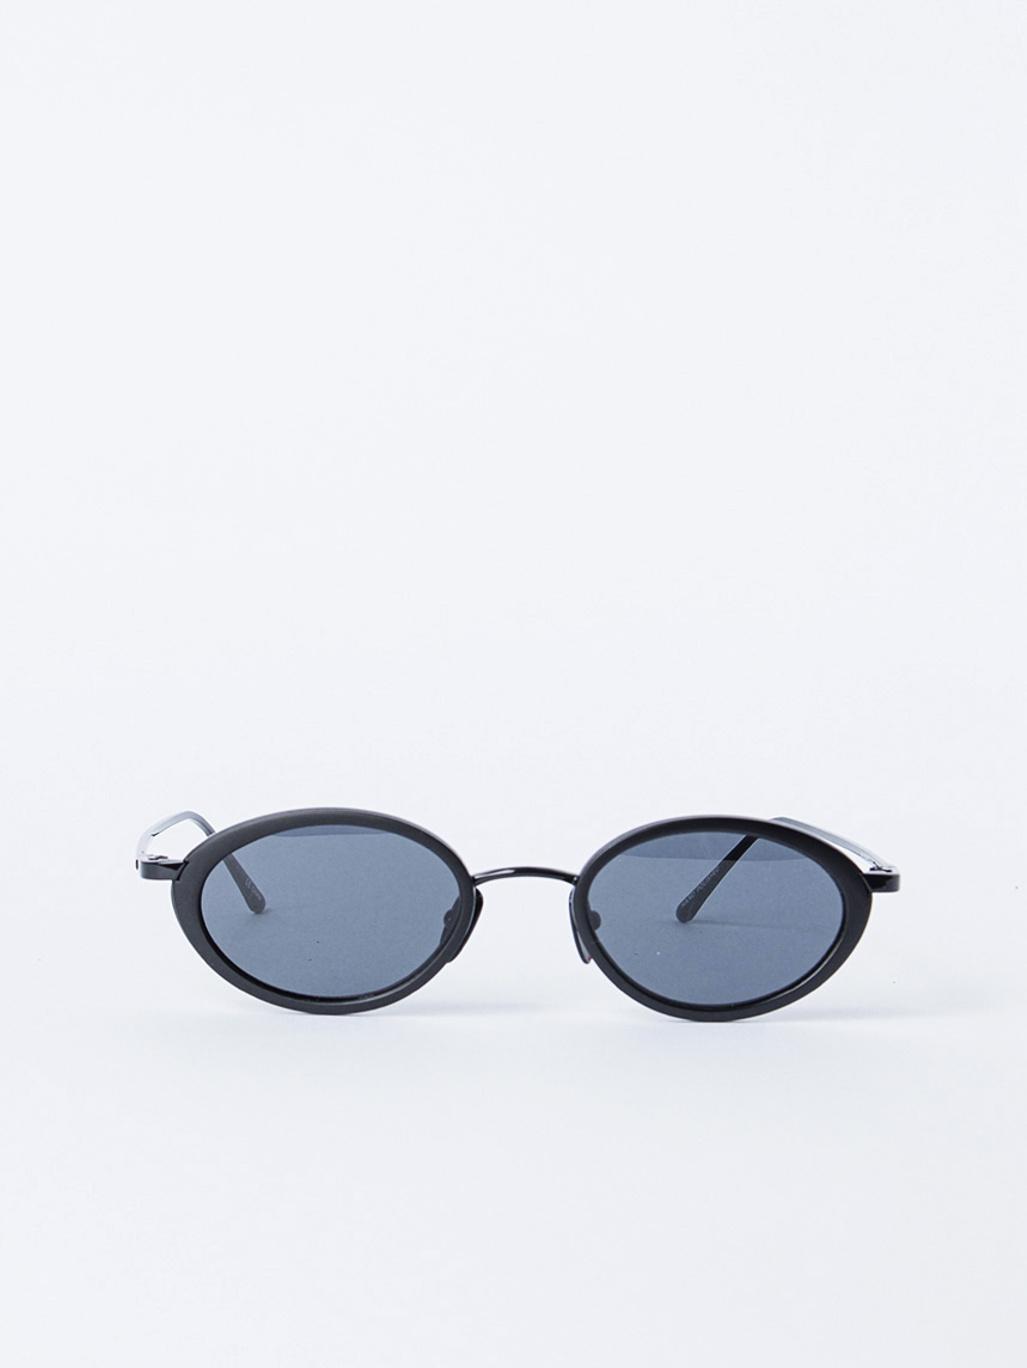 a15221e183 LUXE - BOOM! - Le Specs - APLACE Fashion Store   Magazine